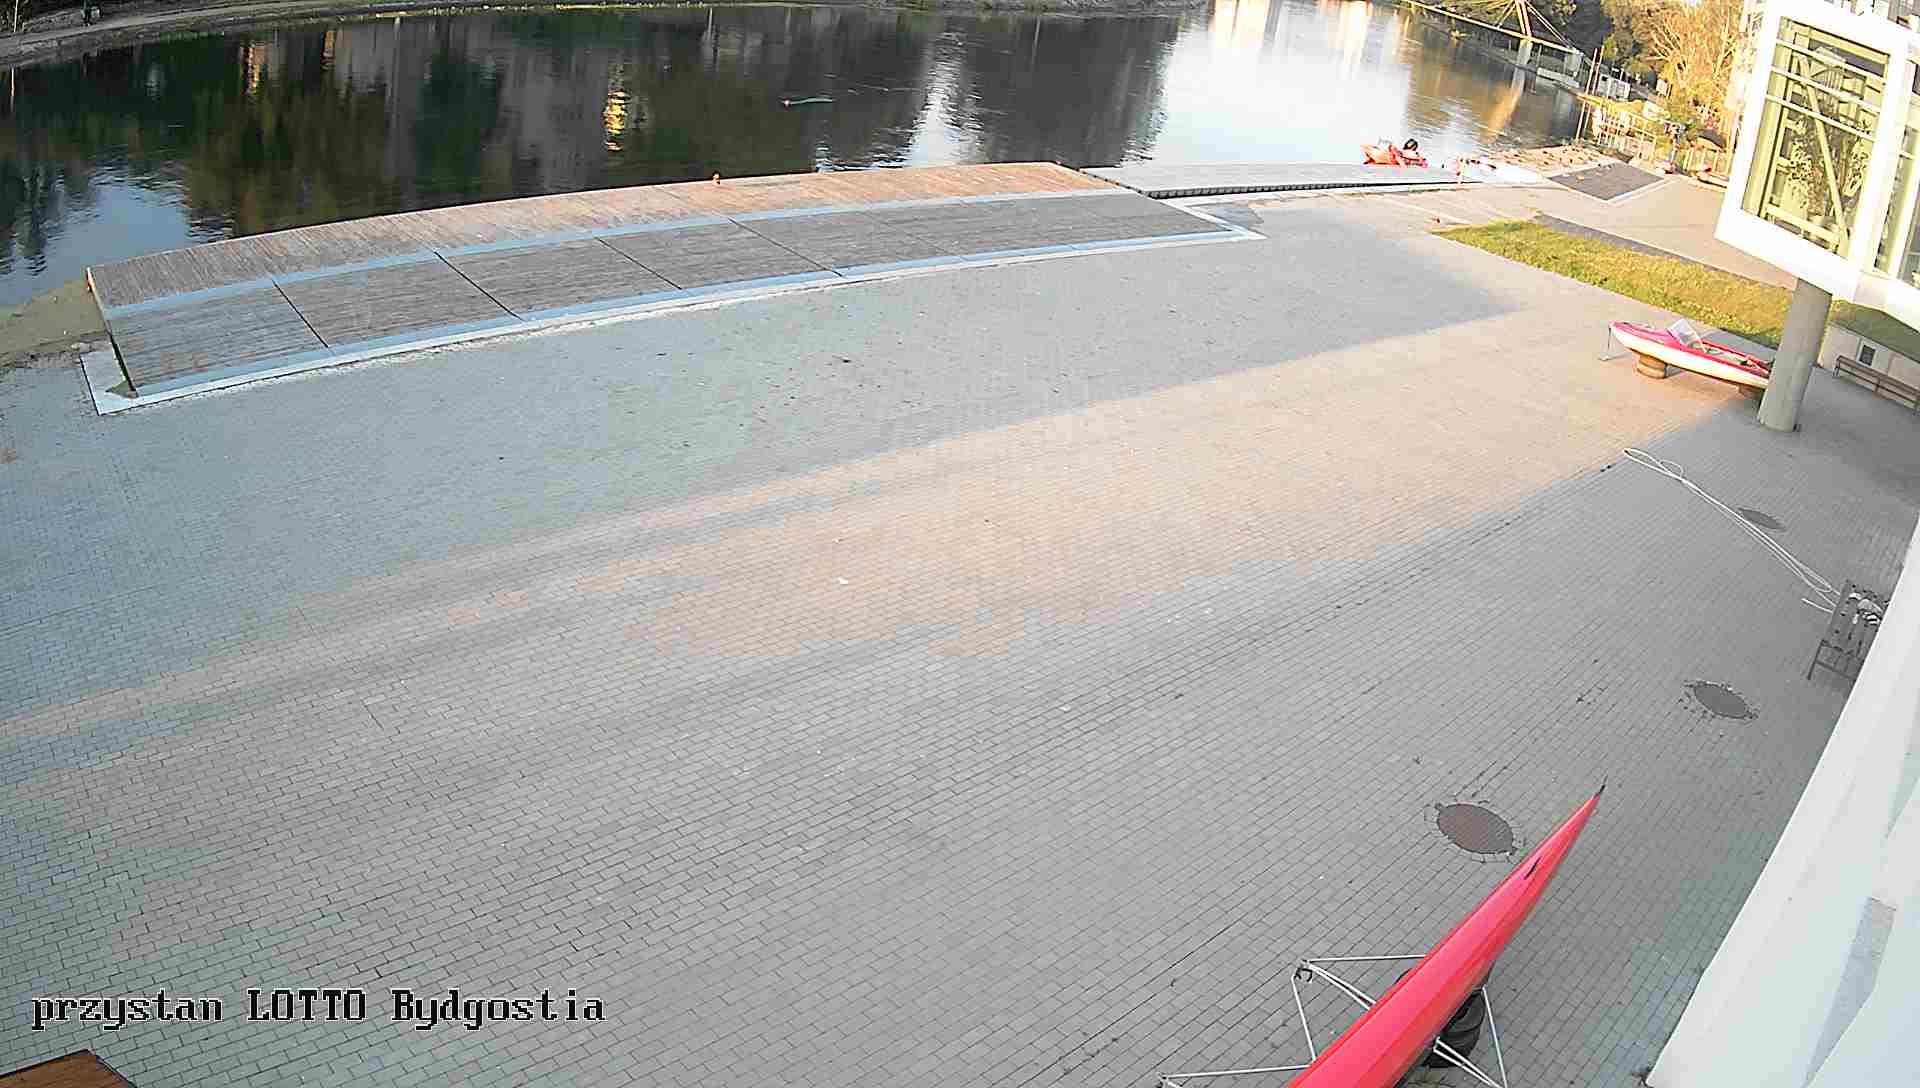 webkamera na przystani LOTTO-Bydgostia